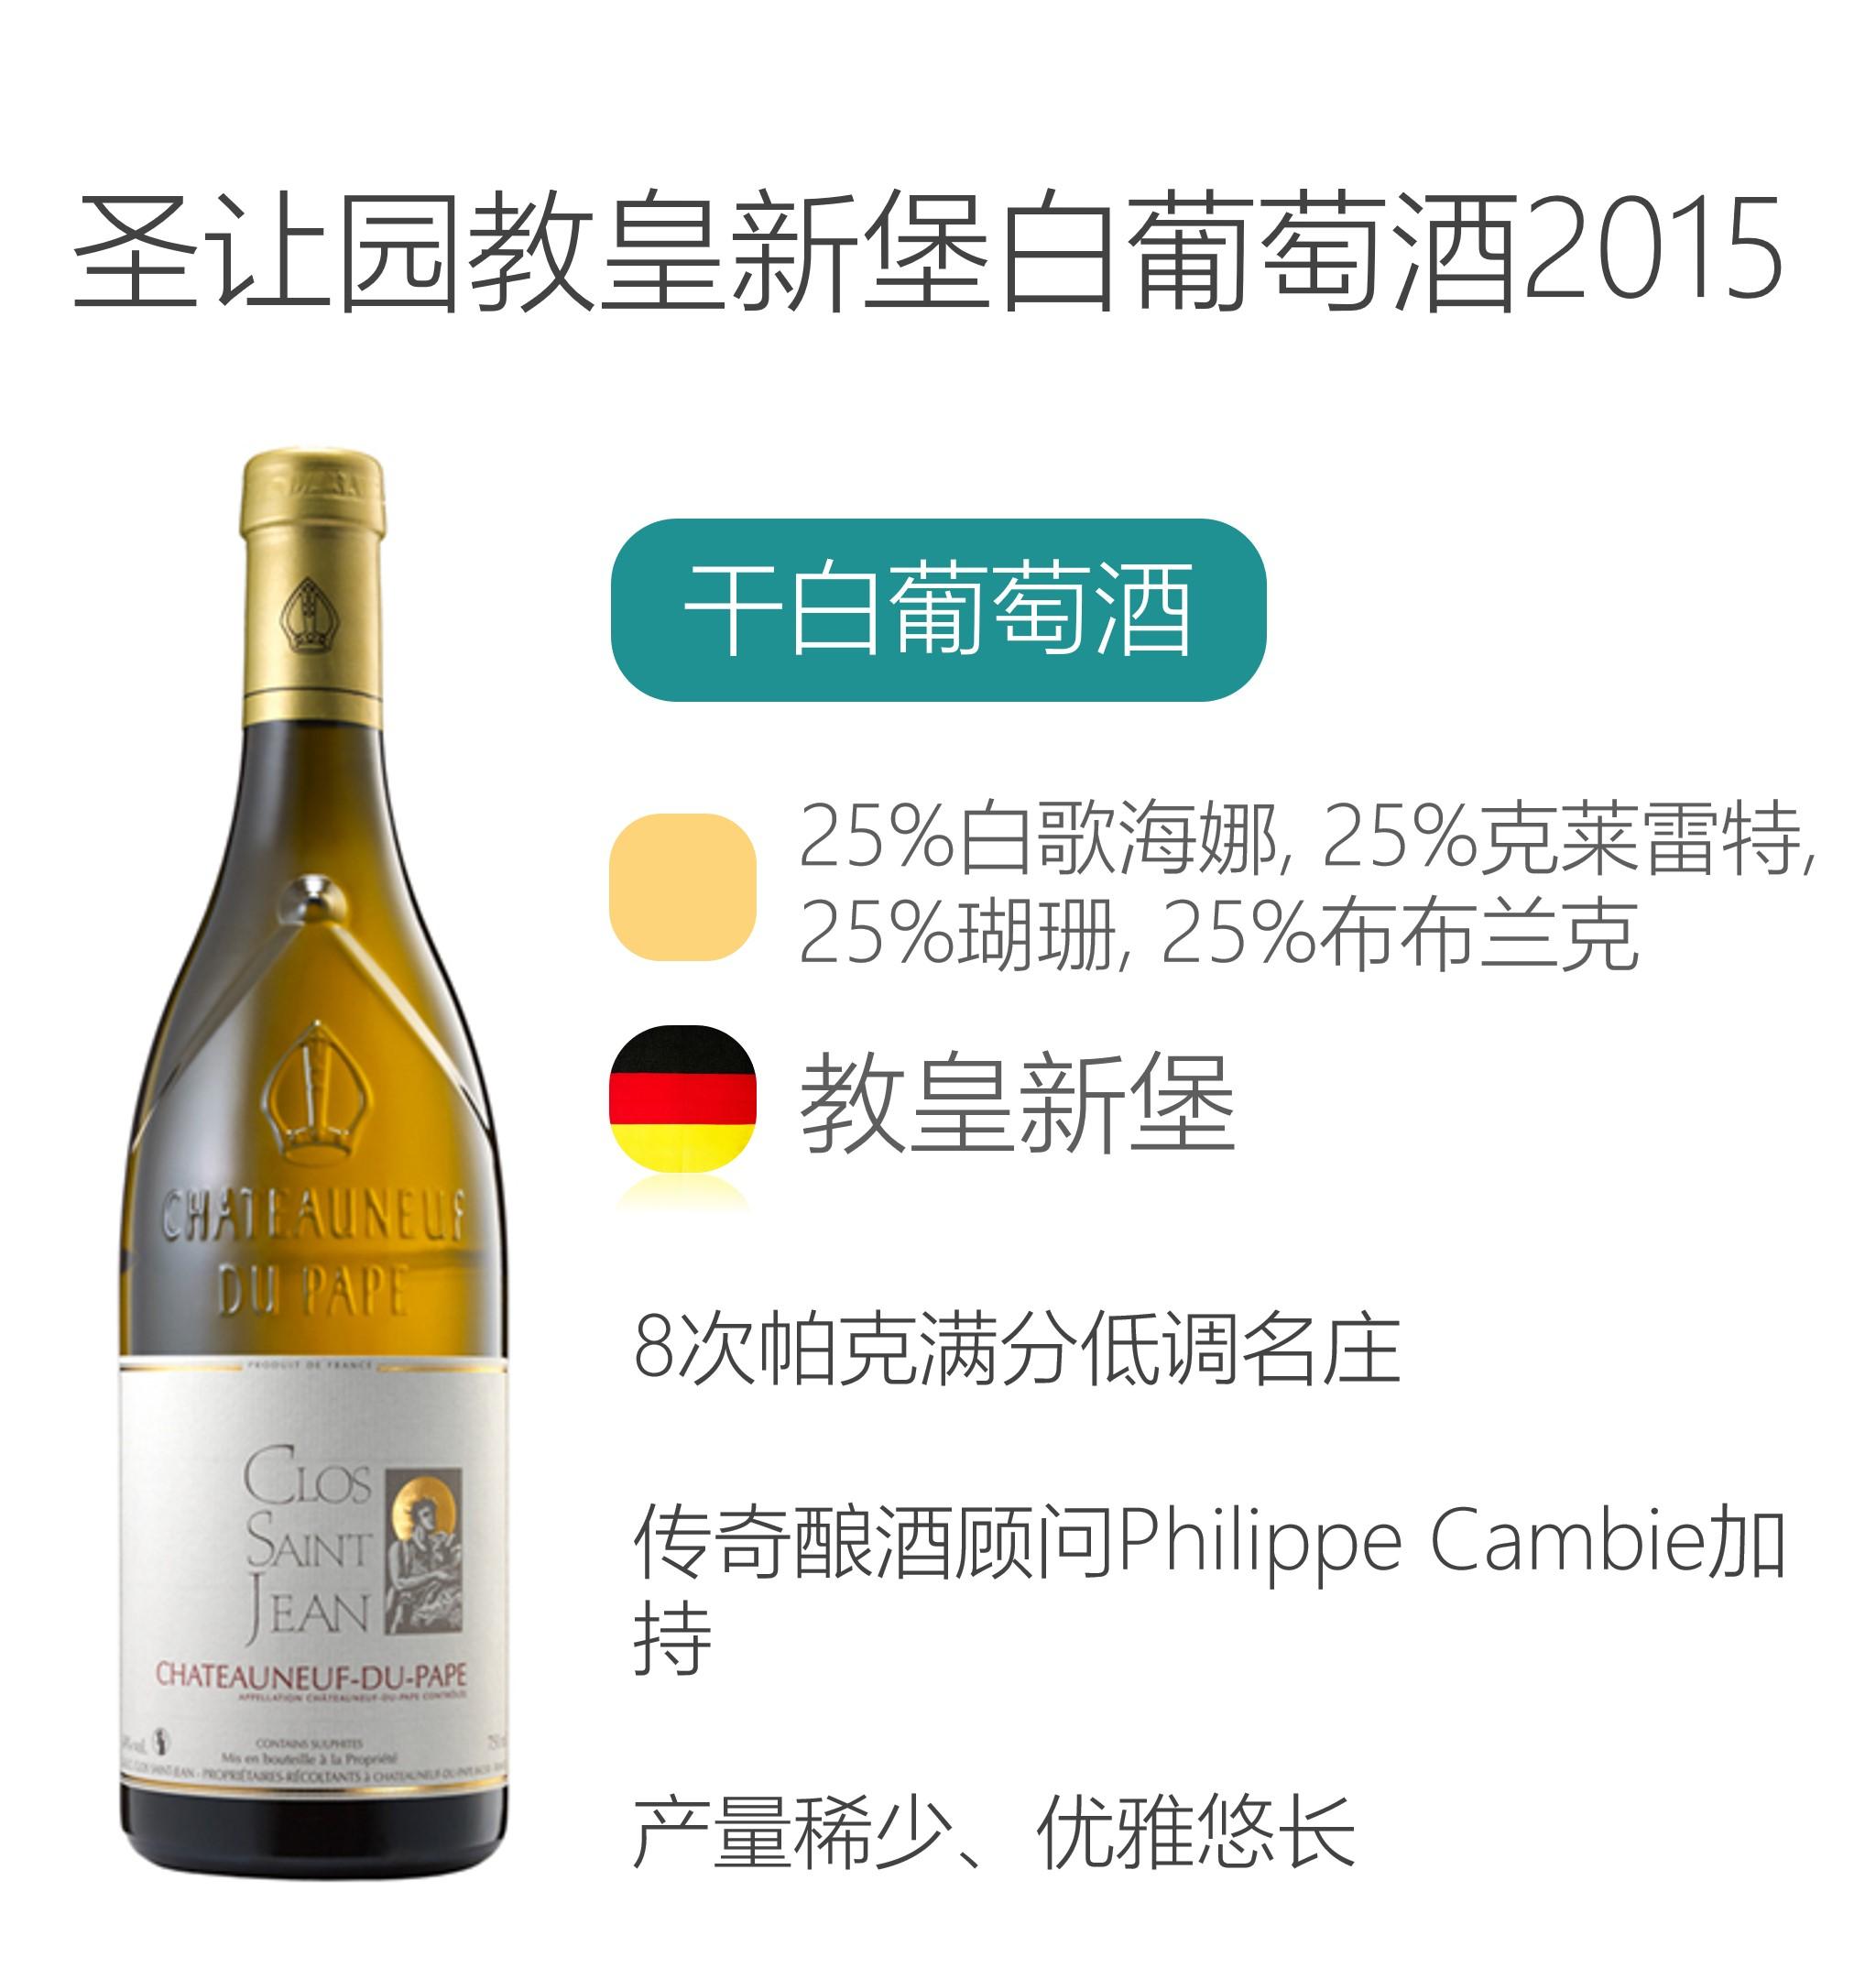 2014年圣让园教皇新堡白葡萄酒Clos St Jean Chateauneuf du Pape Blanc 2014 商品图1